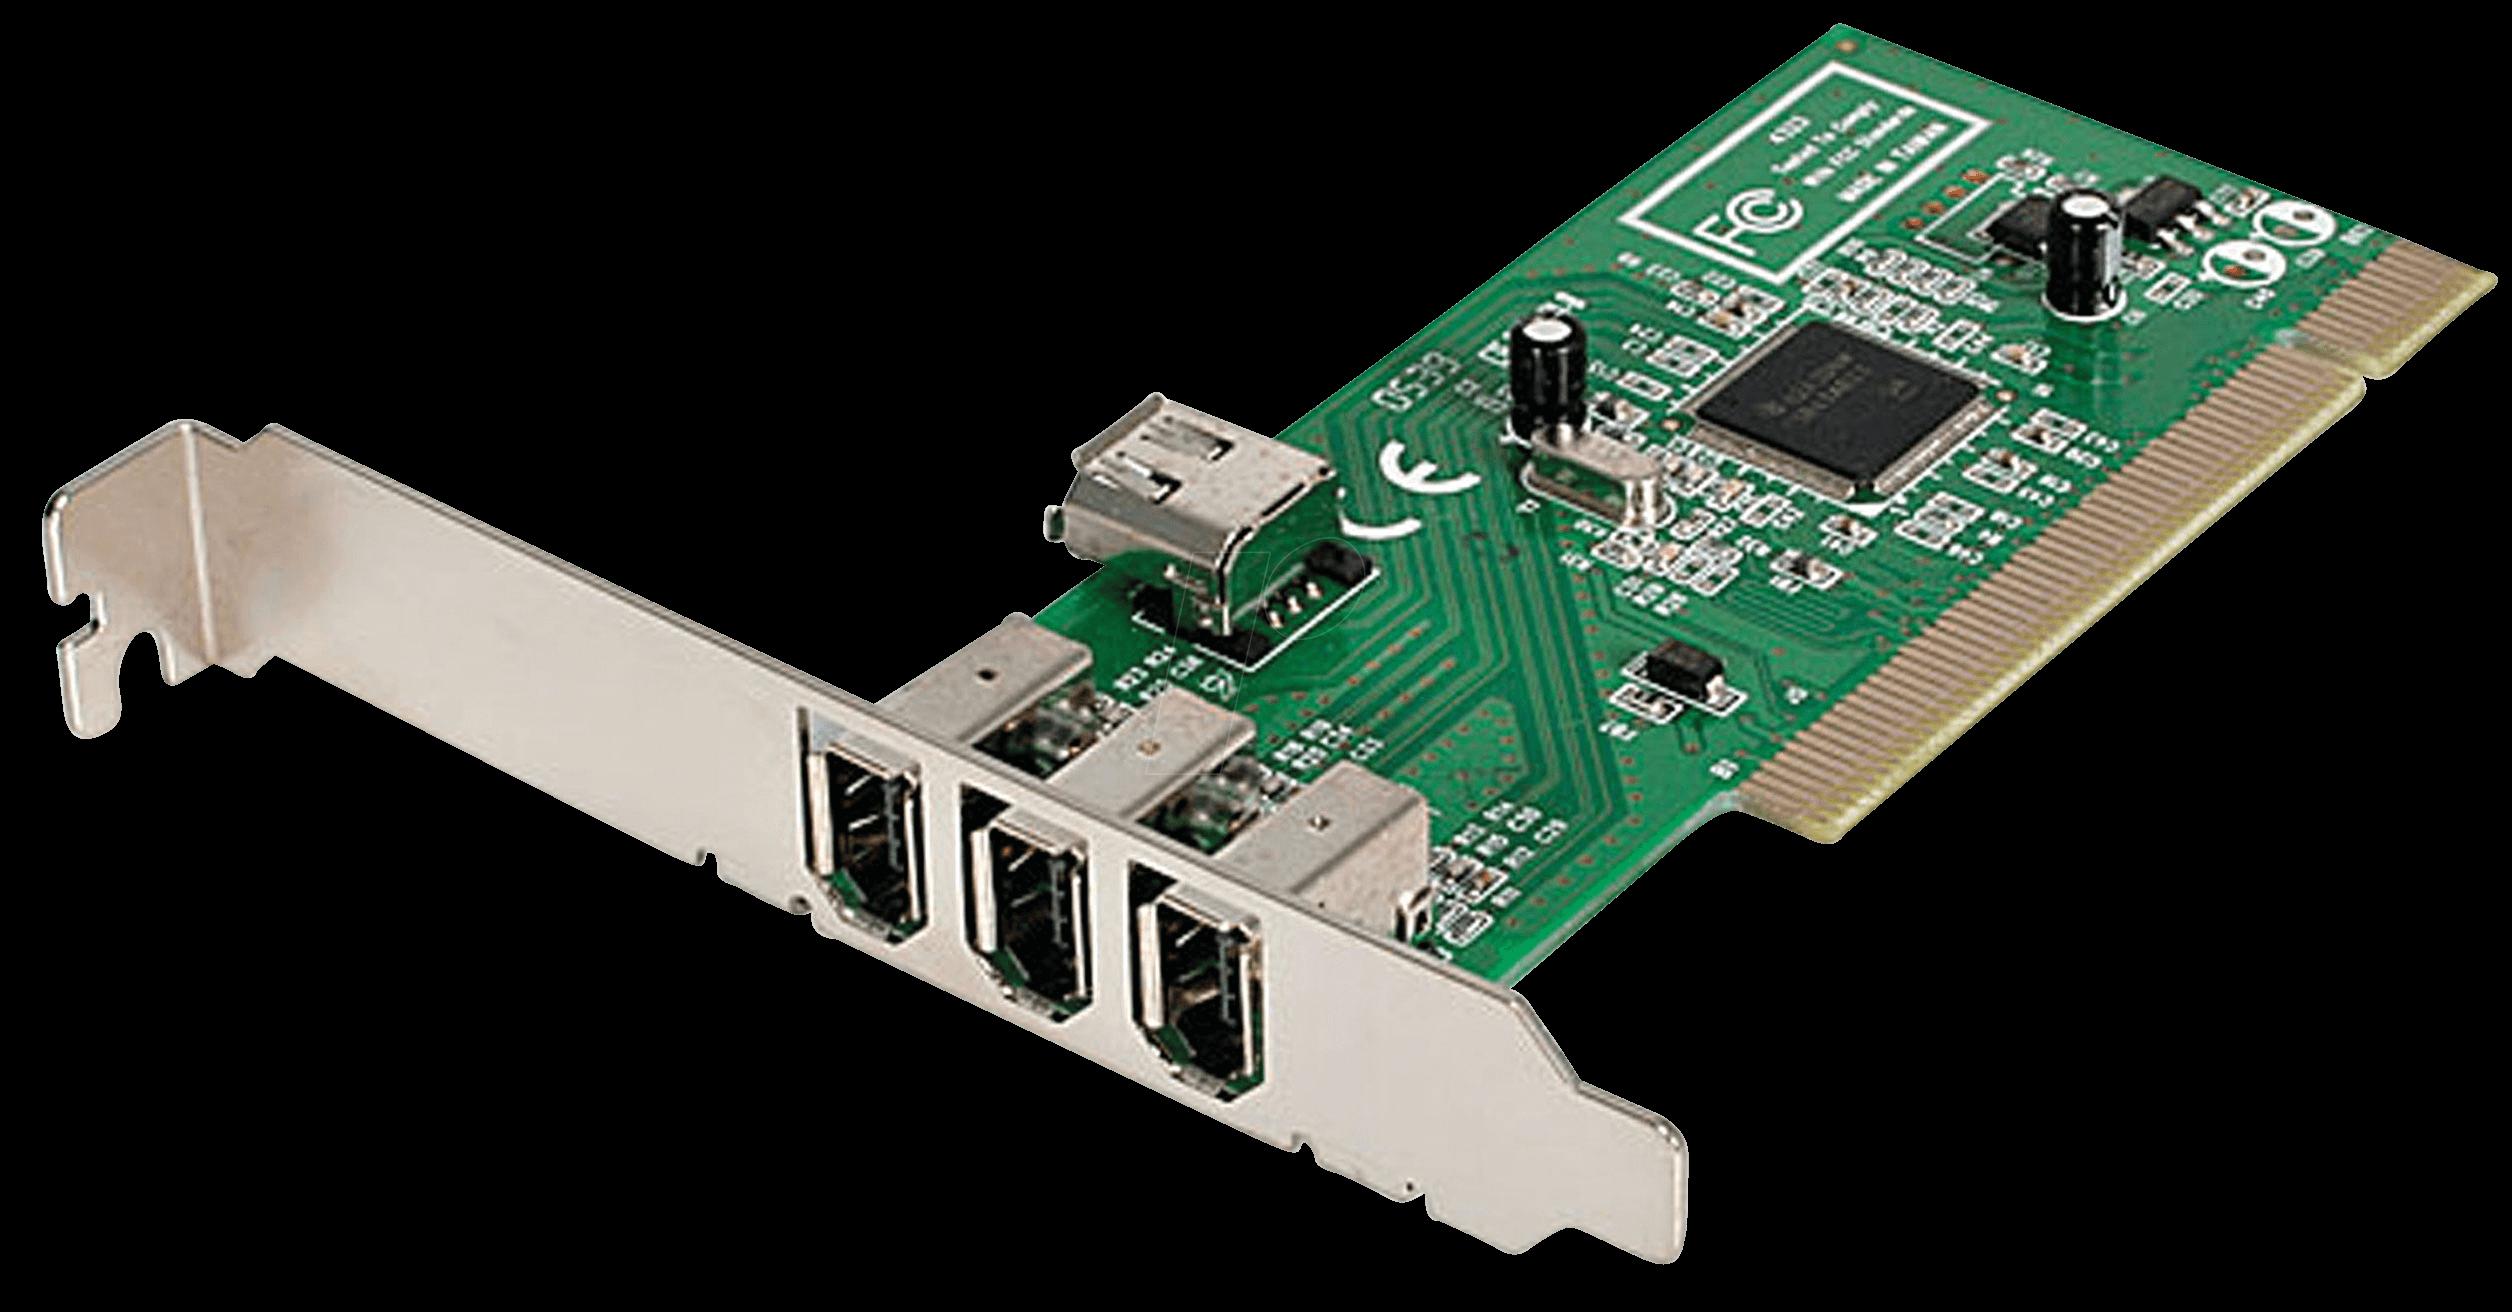 https://cdn-reichelt.de/bilder/web/xxl_ws/E201/PCI1394MP_01.png